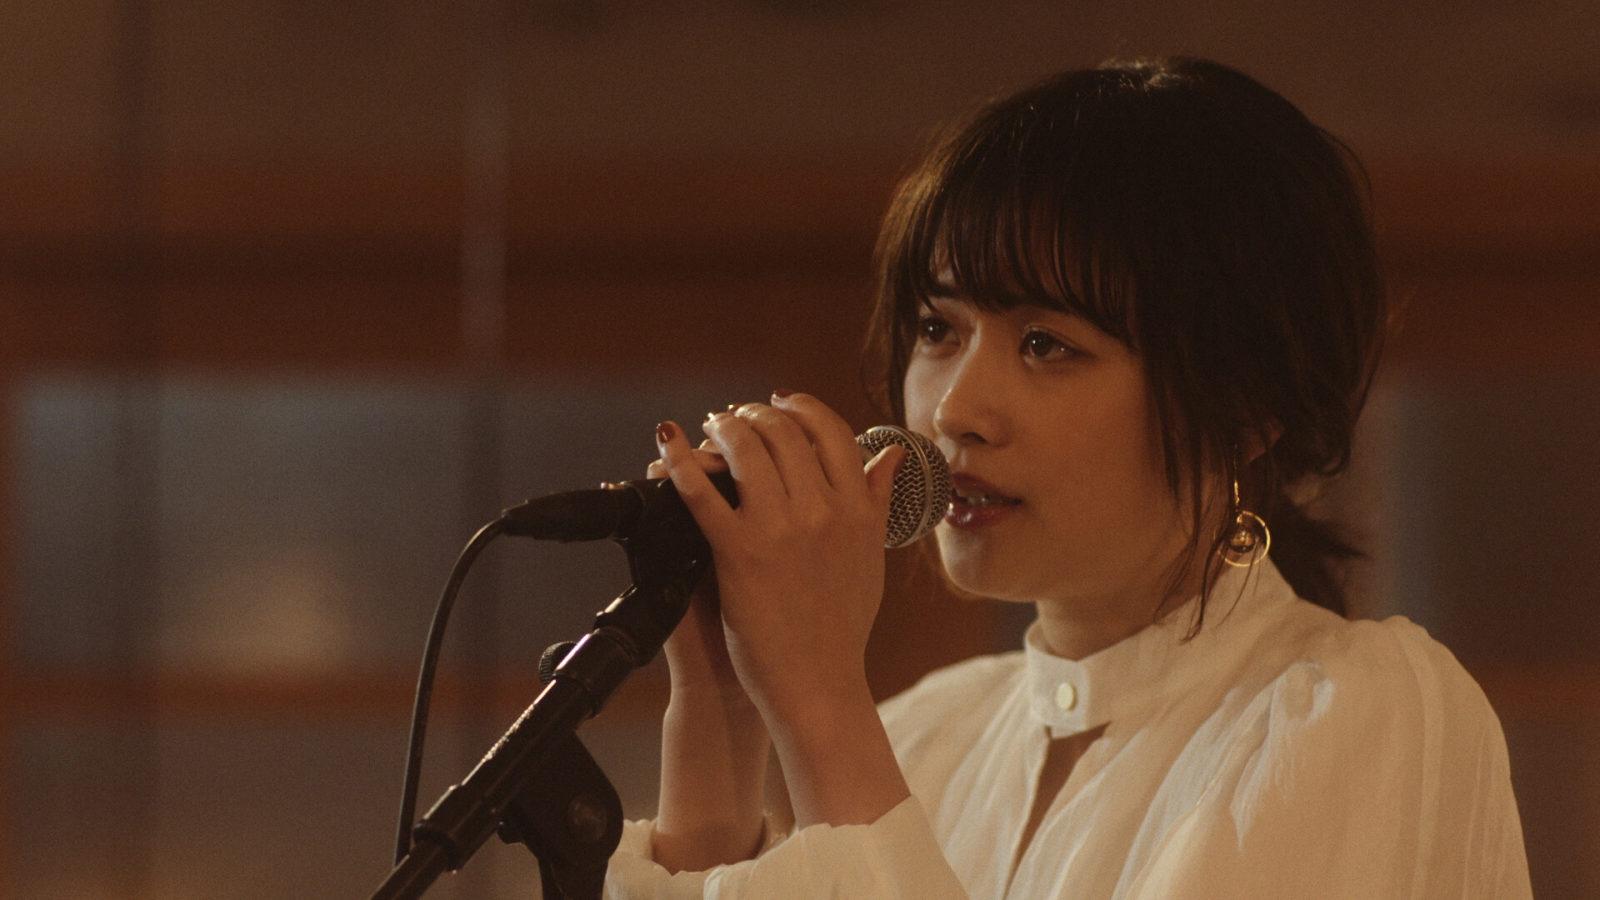 大原櫻子、「ちっぽけな愛のうた」MV公開&5周年ベスト初回限定盤へMV3曲追加収録が決定サムネイル画像